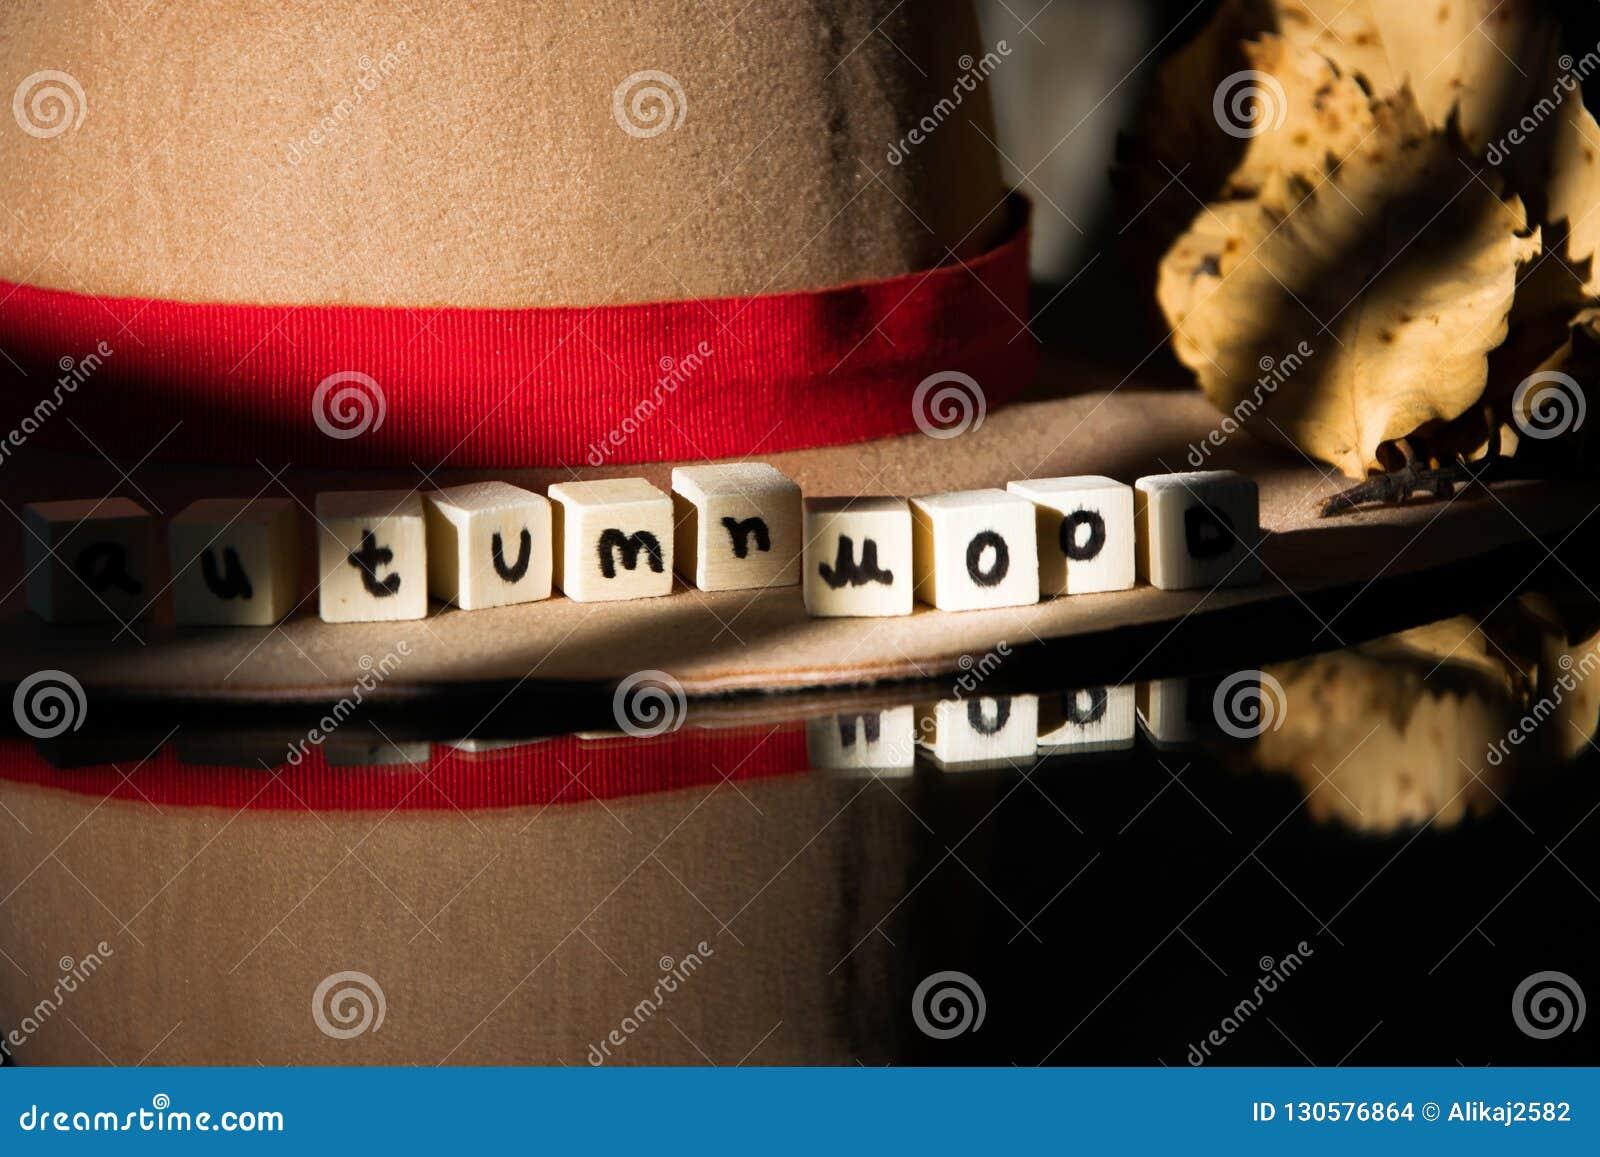 `Autumn mood` text phrase on female autumn hat on wooden background